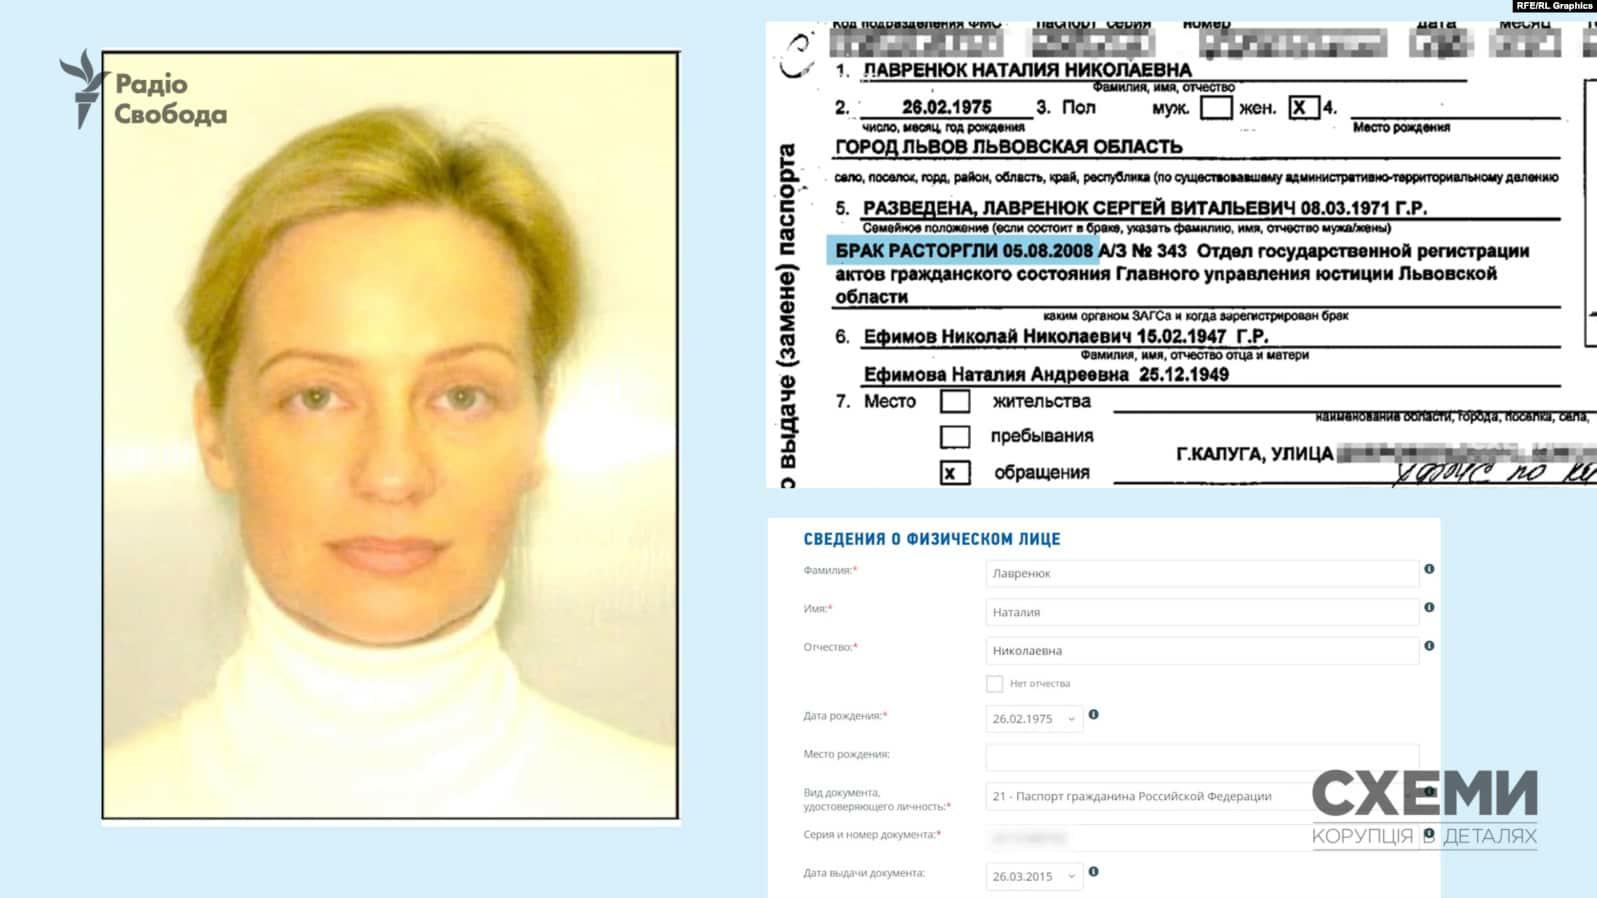 Документы о российском  паспорте Каленюк (программа «Схемы»)